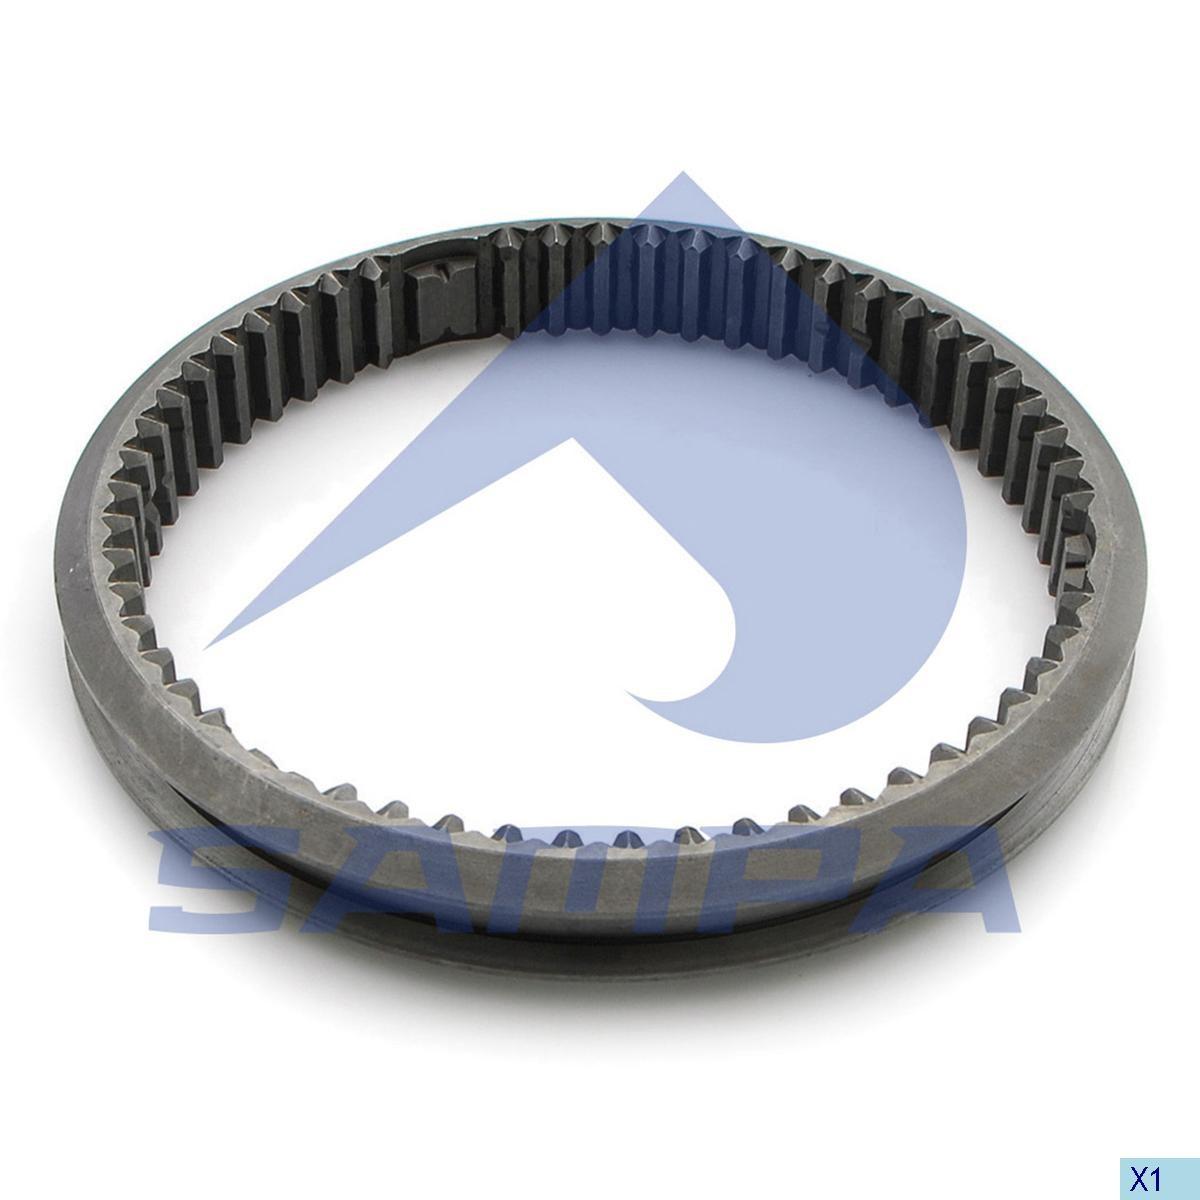 Mecanism sincronizare cutia de viteze photo